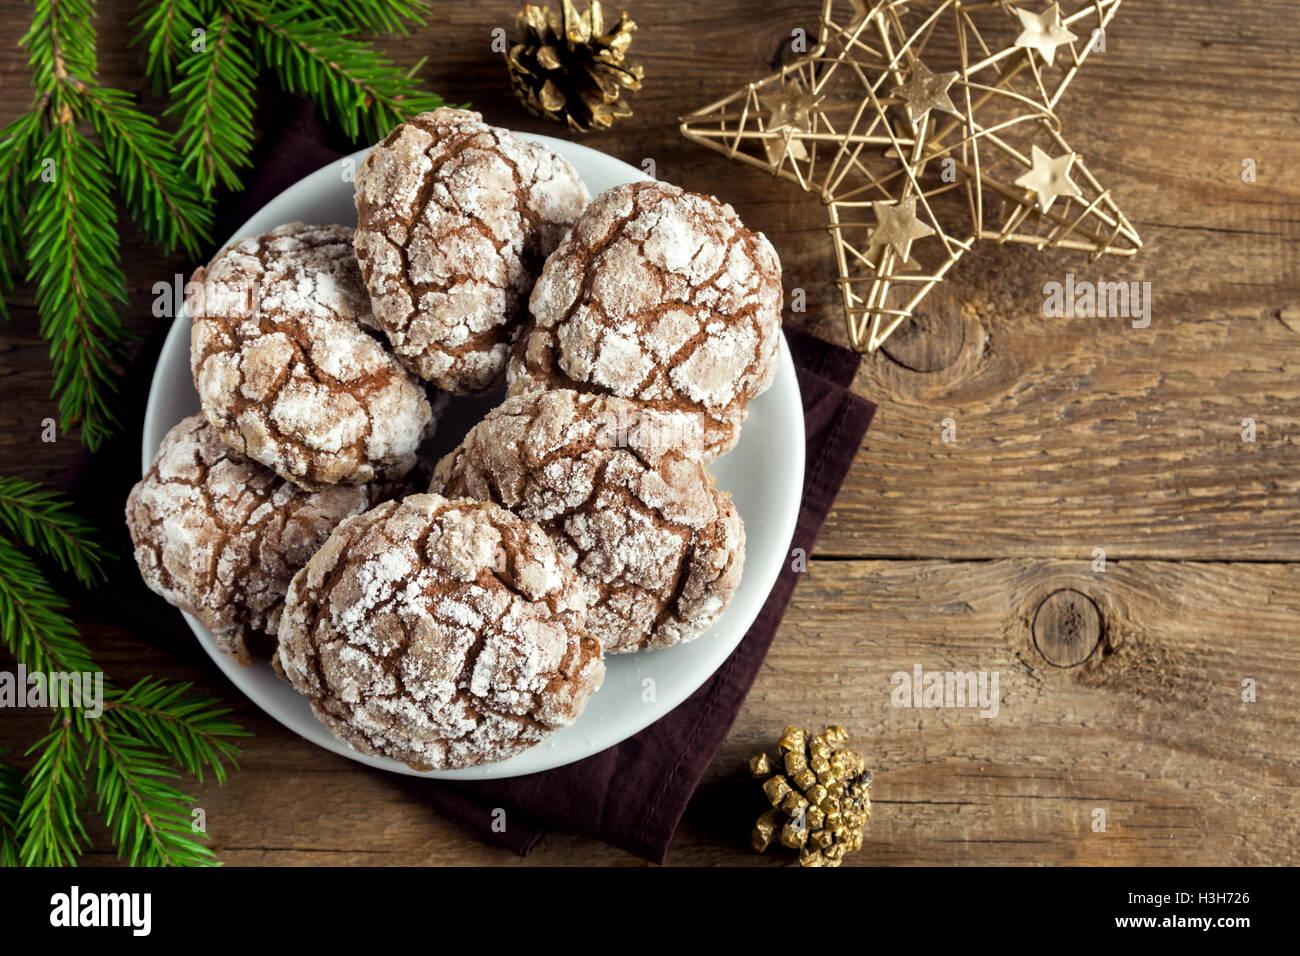 Schokolade crinkle Cookies für Weihnachten mit goldenen Ormaments und Tanne Äste - festliche hausgemachte Stockbild